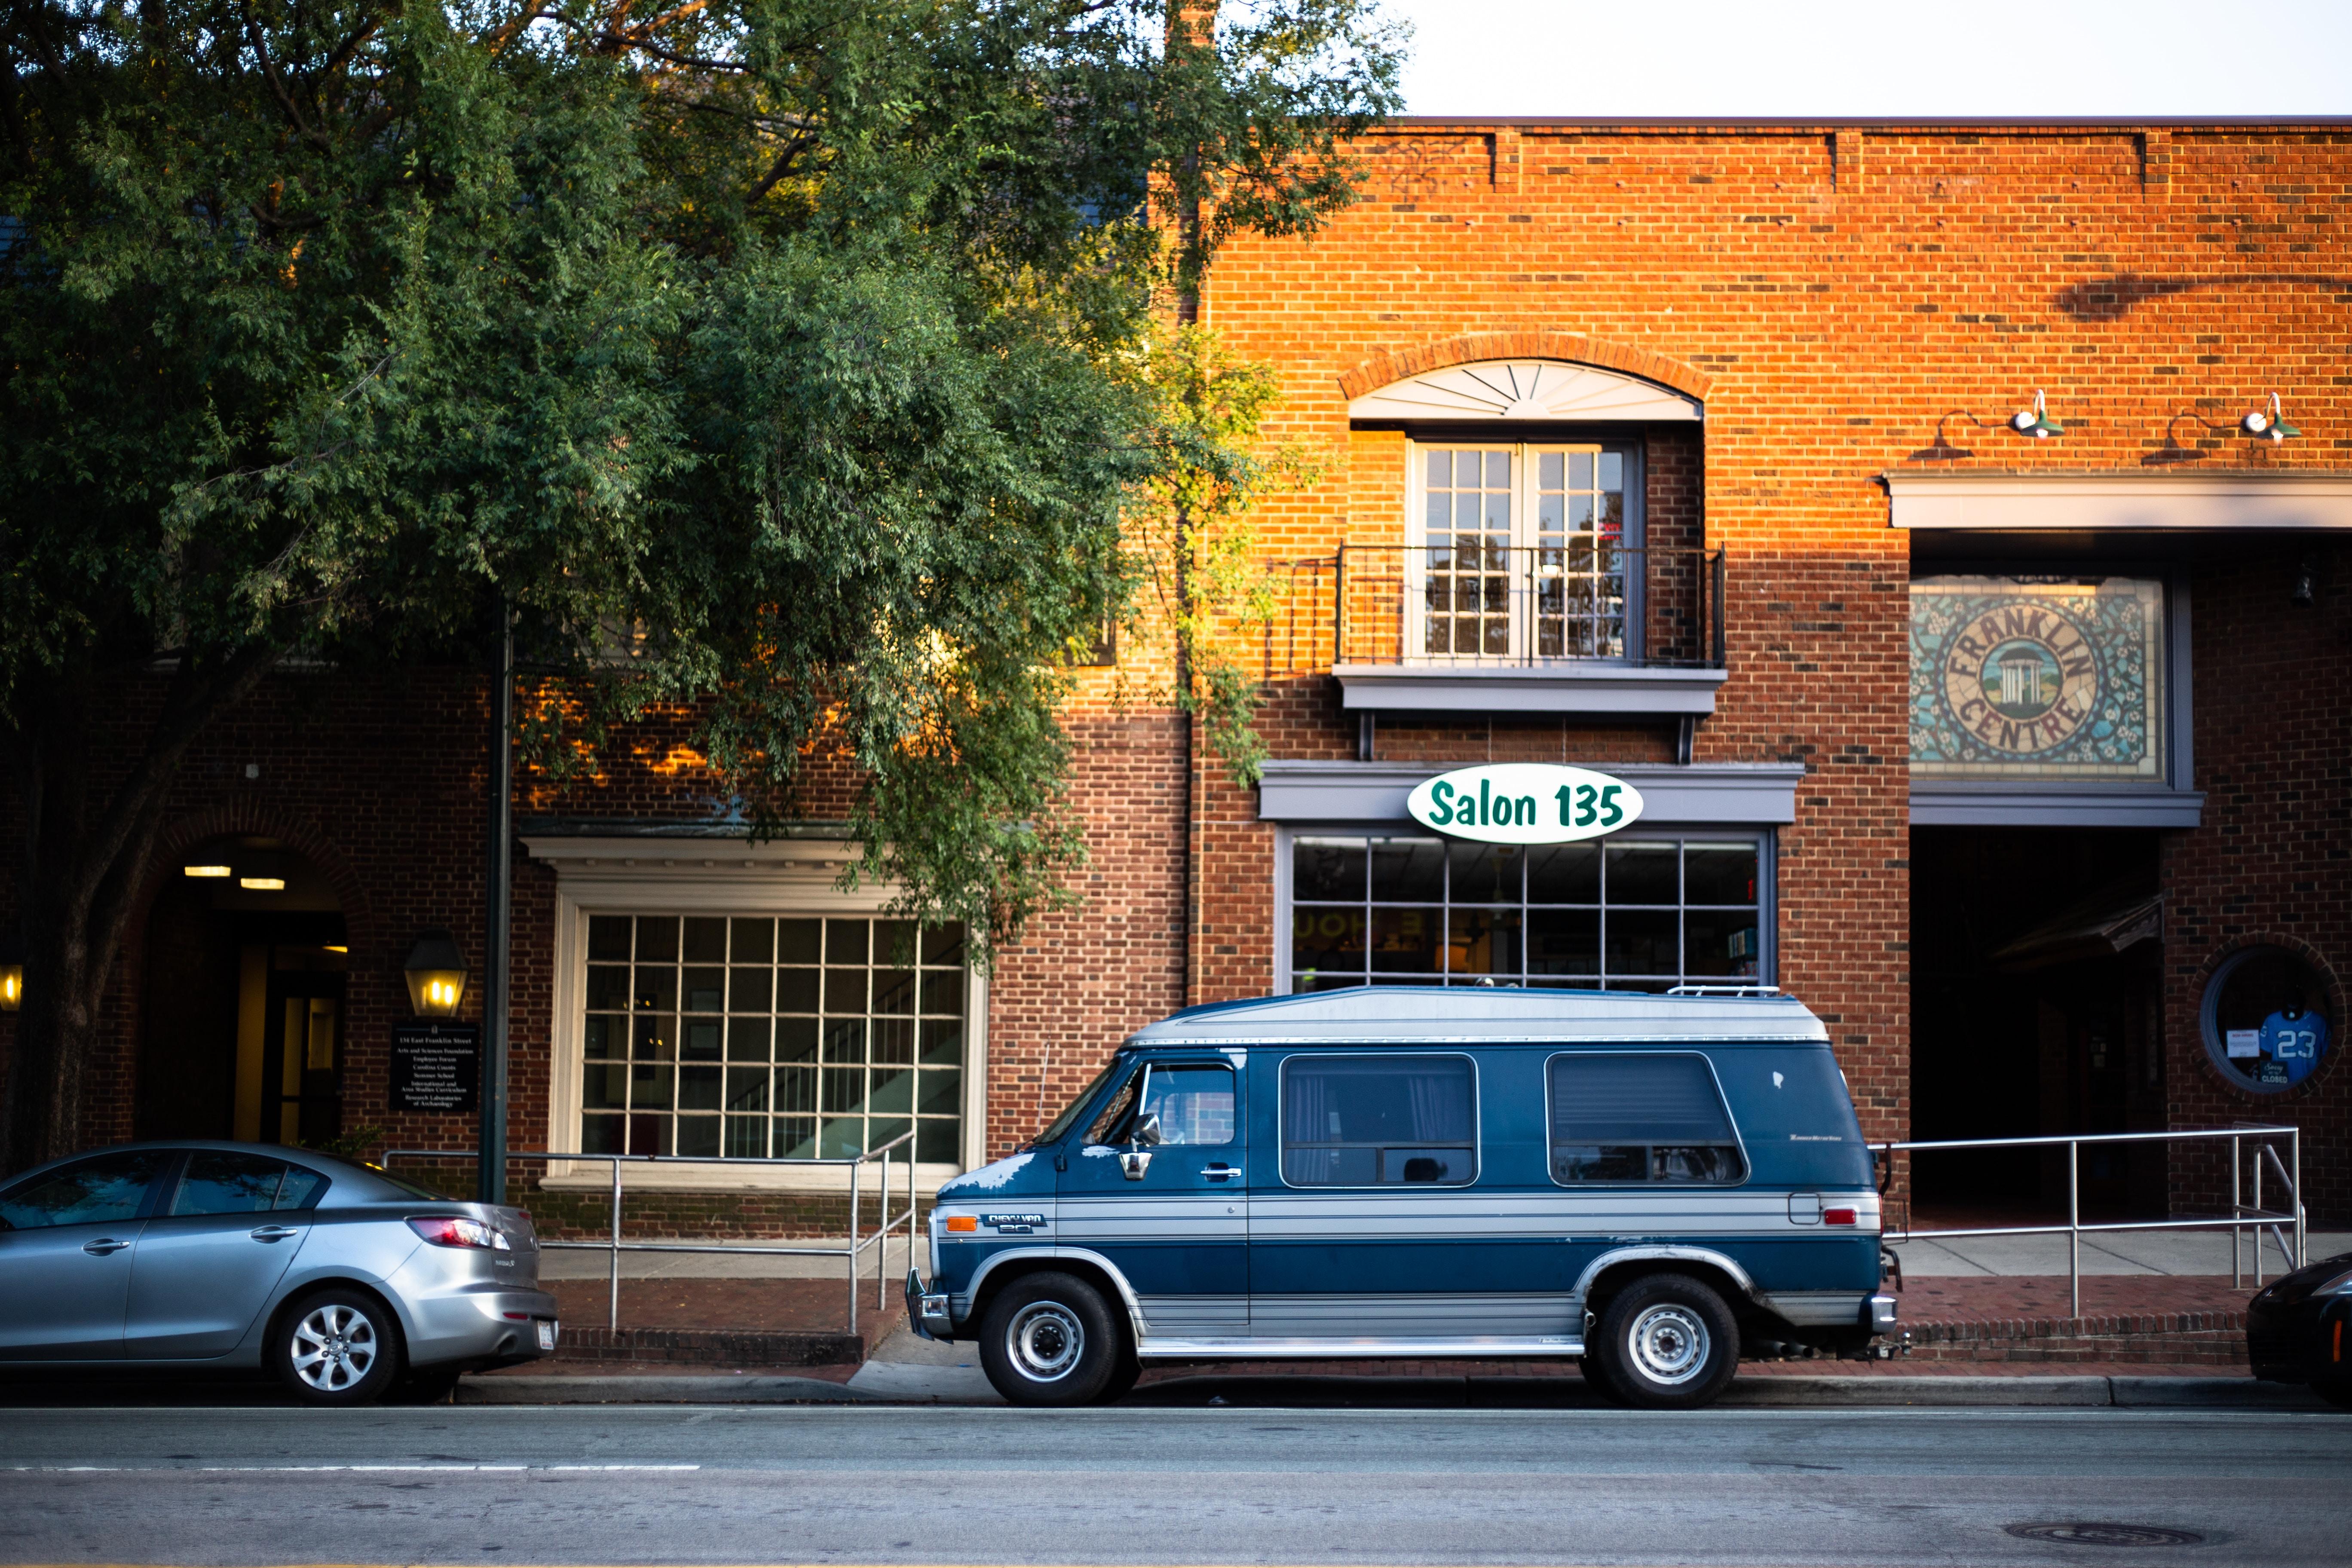 parked blue van